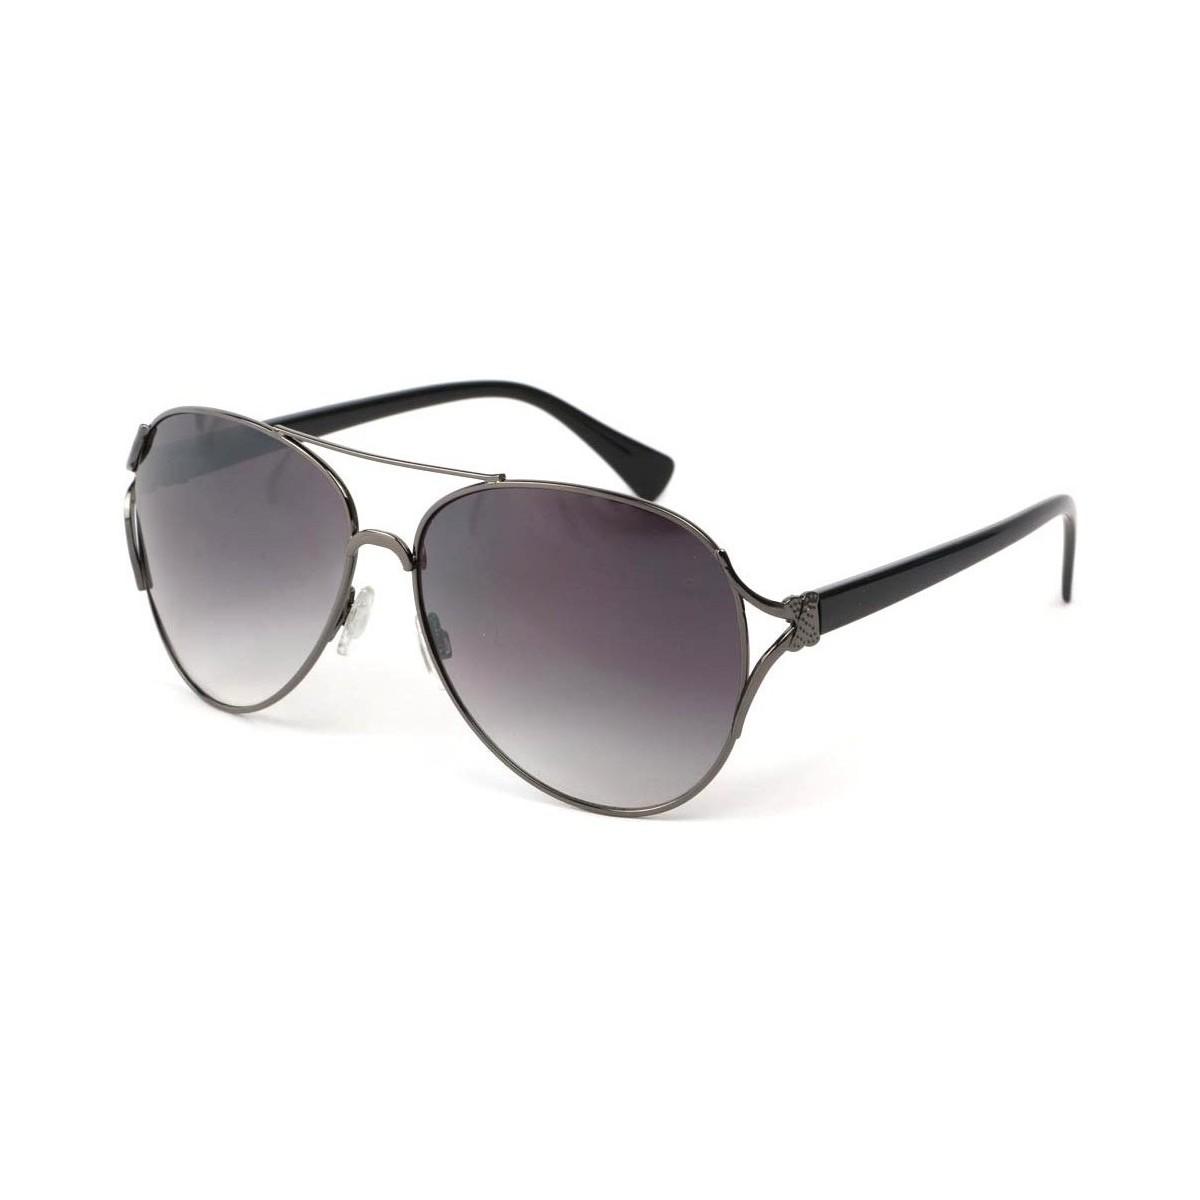 Eye Wear Lunettes Soleil Trust avec monture Noire Noir